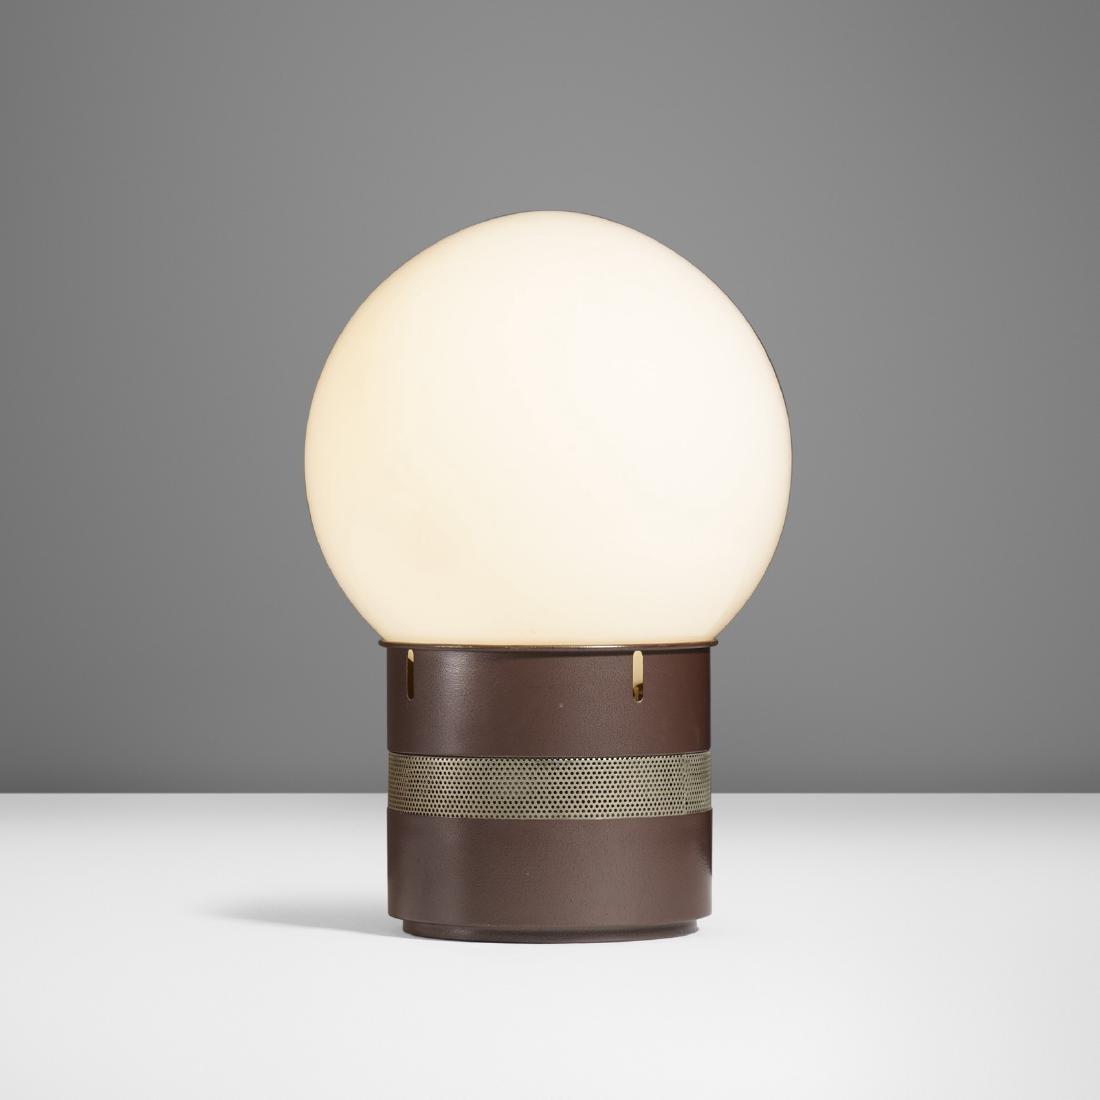 Gae Aulenti, Oracolo table lamp